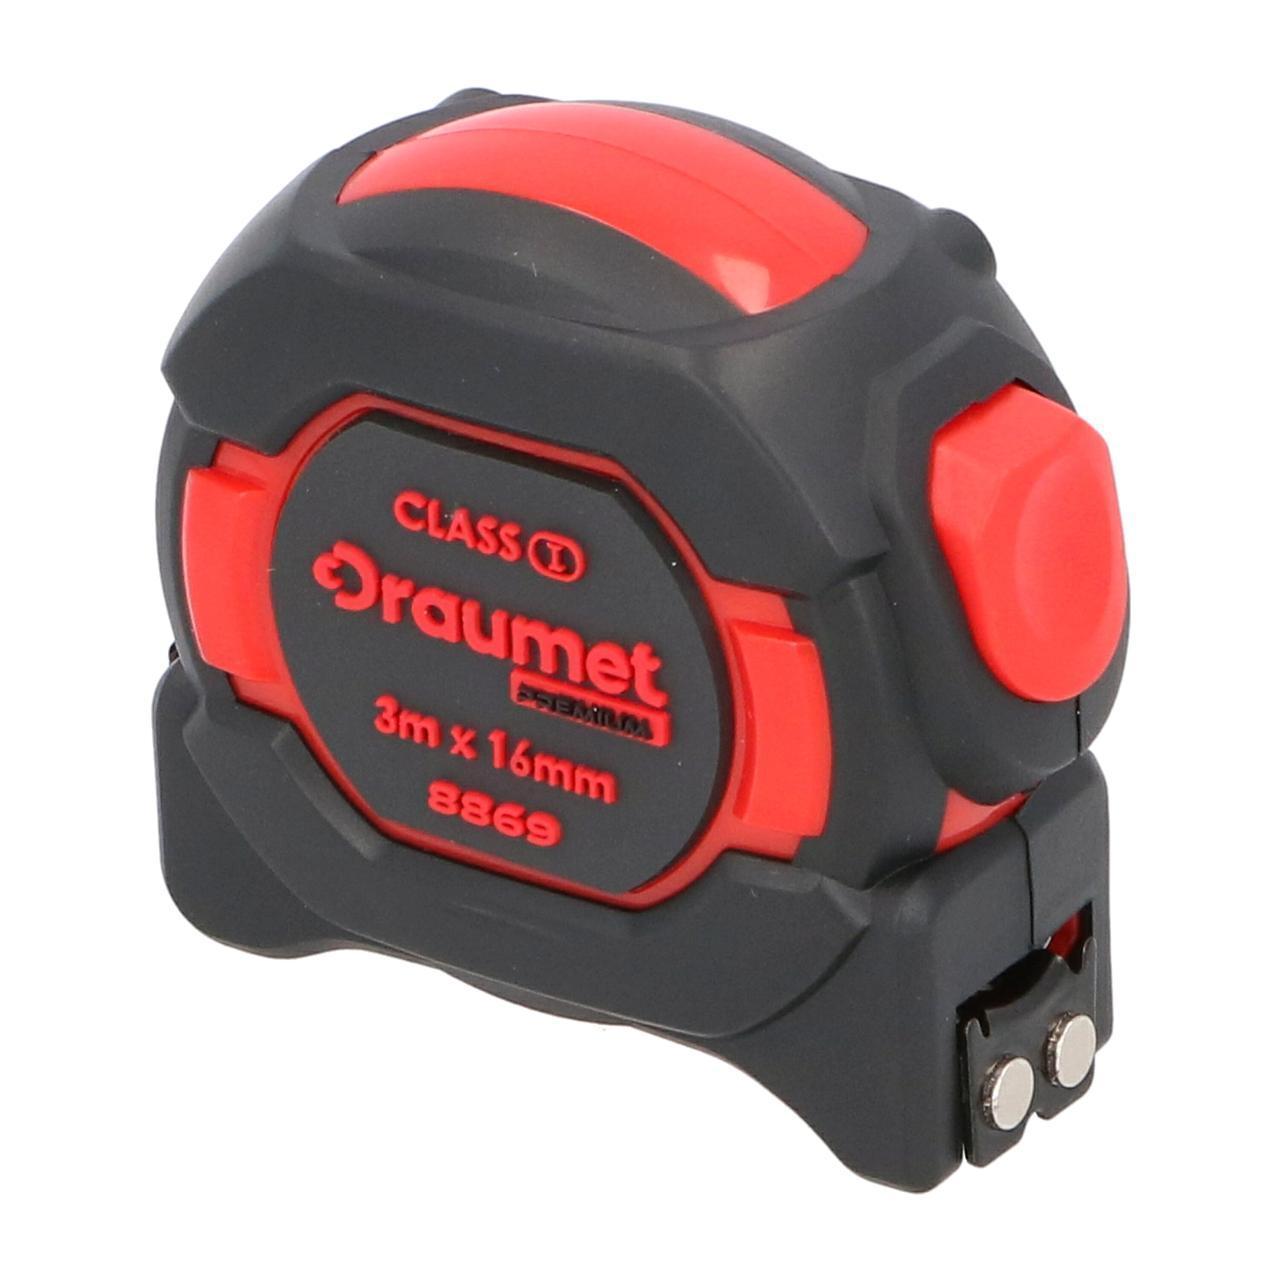 Рулетка з магнітом I клас точності 8 м х 25 мм DRAUMET